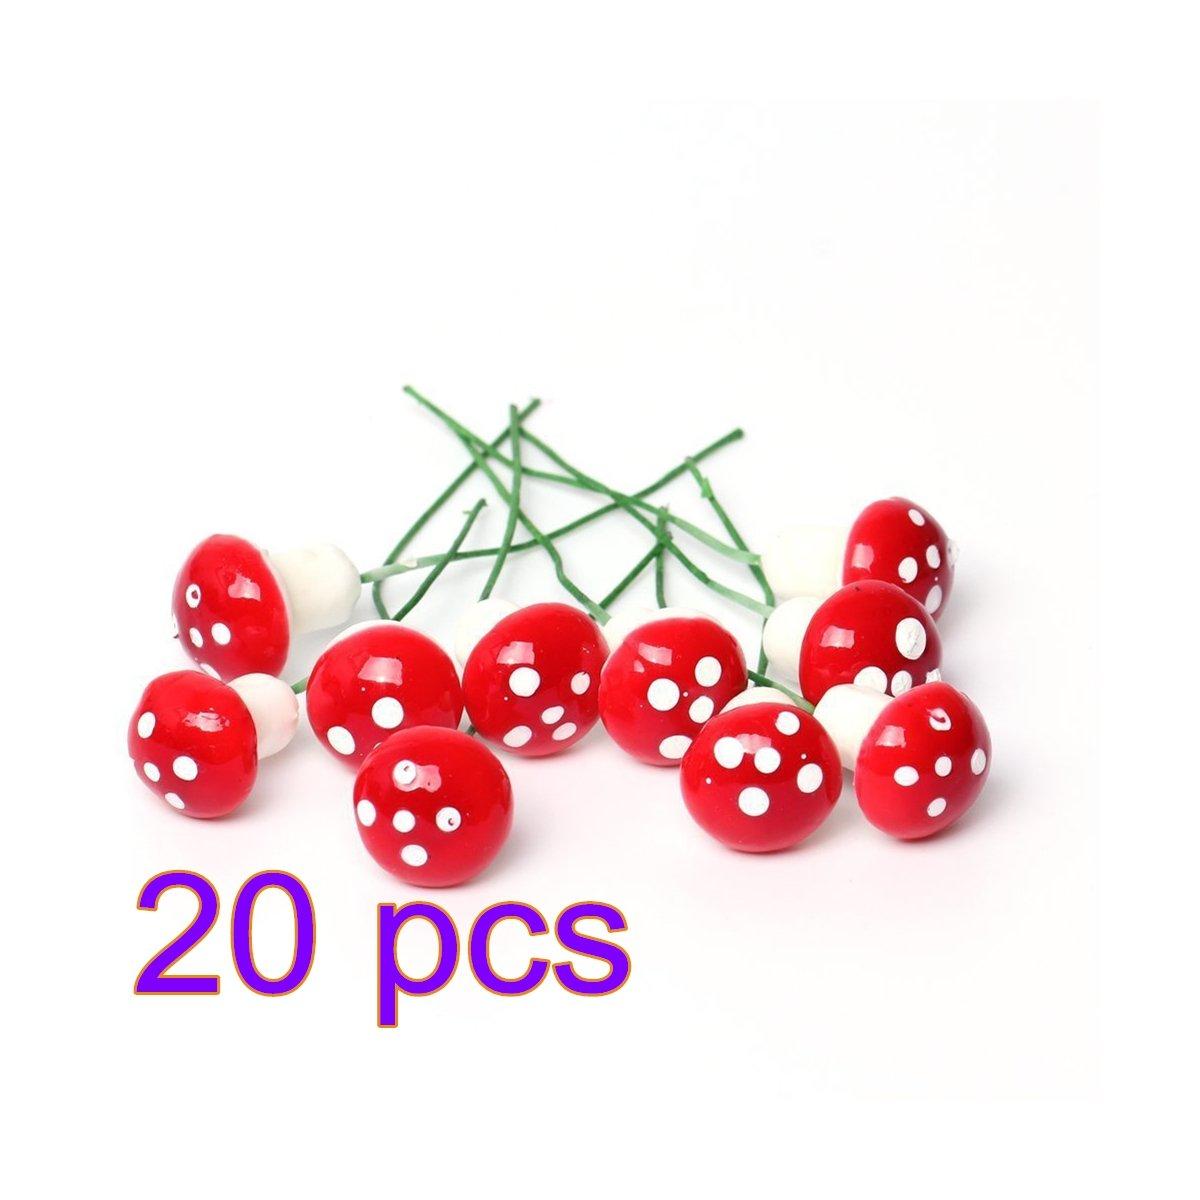 gespout fungo Mignon fungo in miniatura in decorazione per Micro Paesaggio Giardino DIY Bonsai Paesaggio in miniatura rosso, 1PCS, 1 pcs